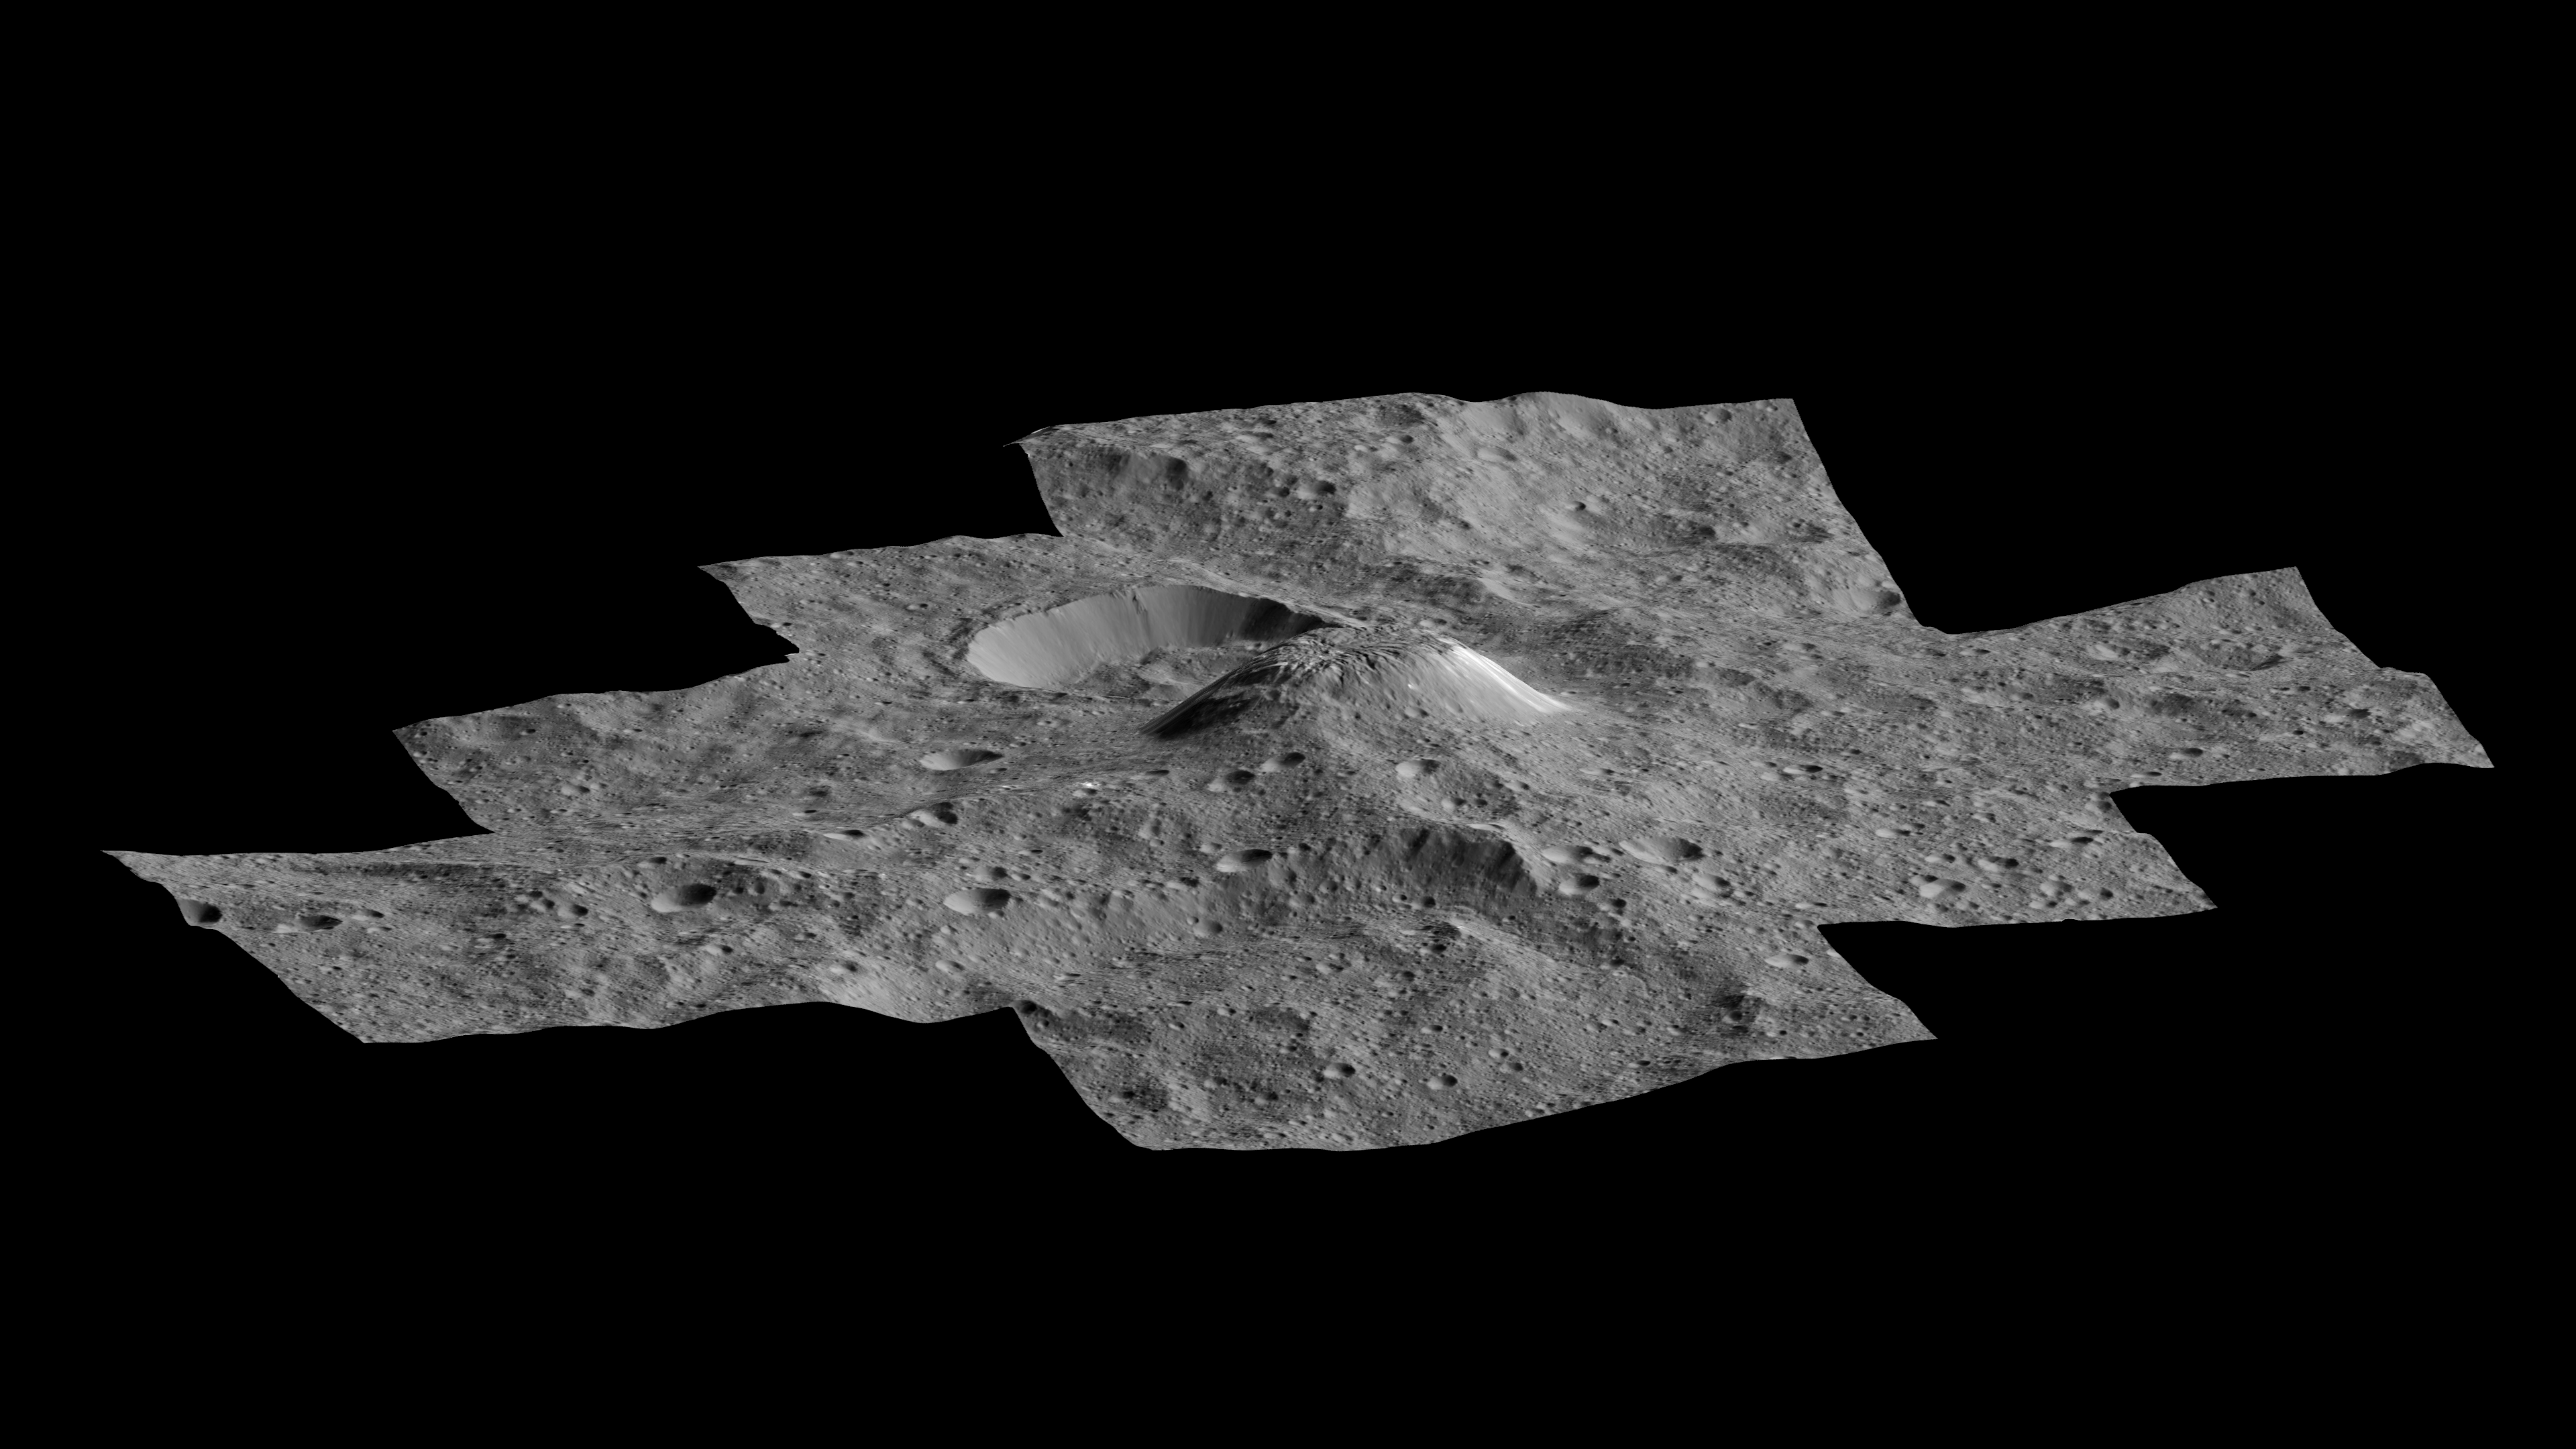 Зонд Dawn изучает Цереру уже год: интересные открытия и новые загадки - 3